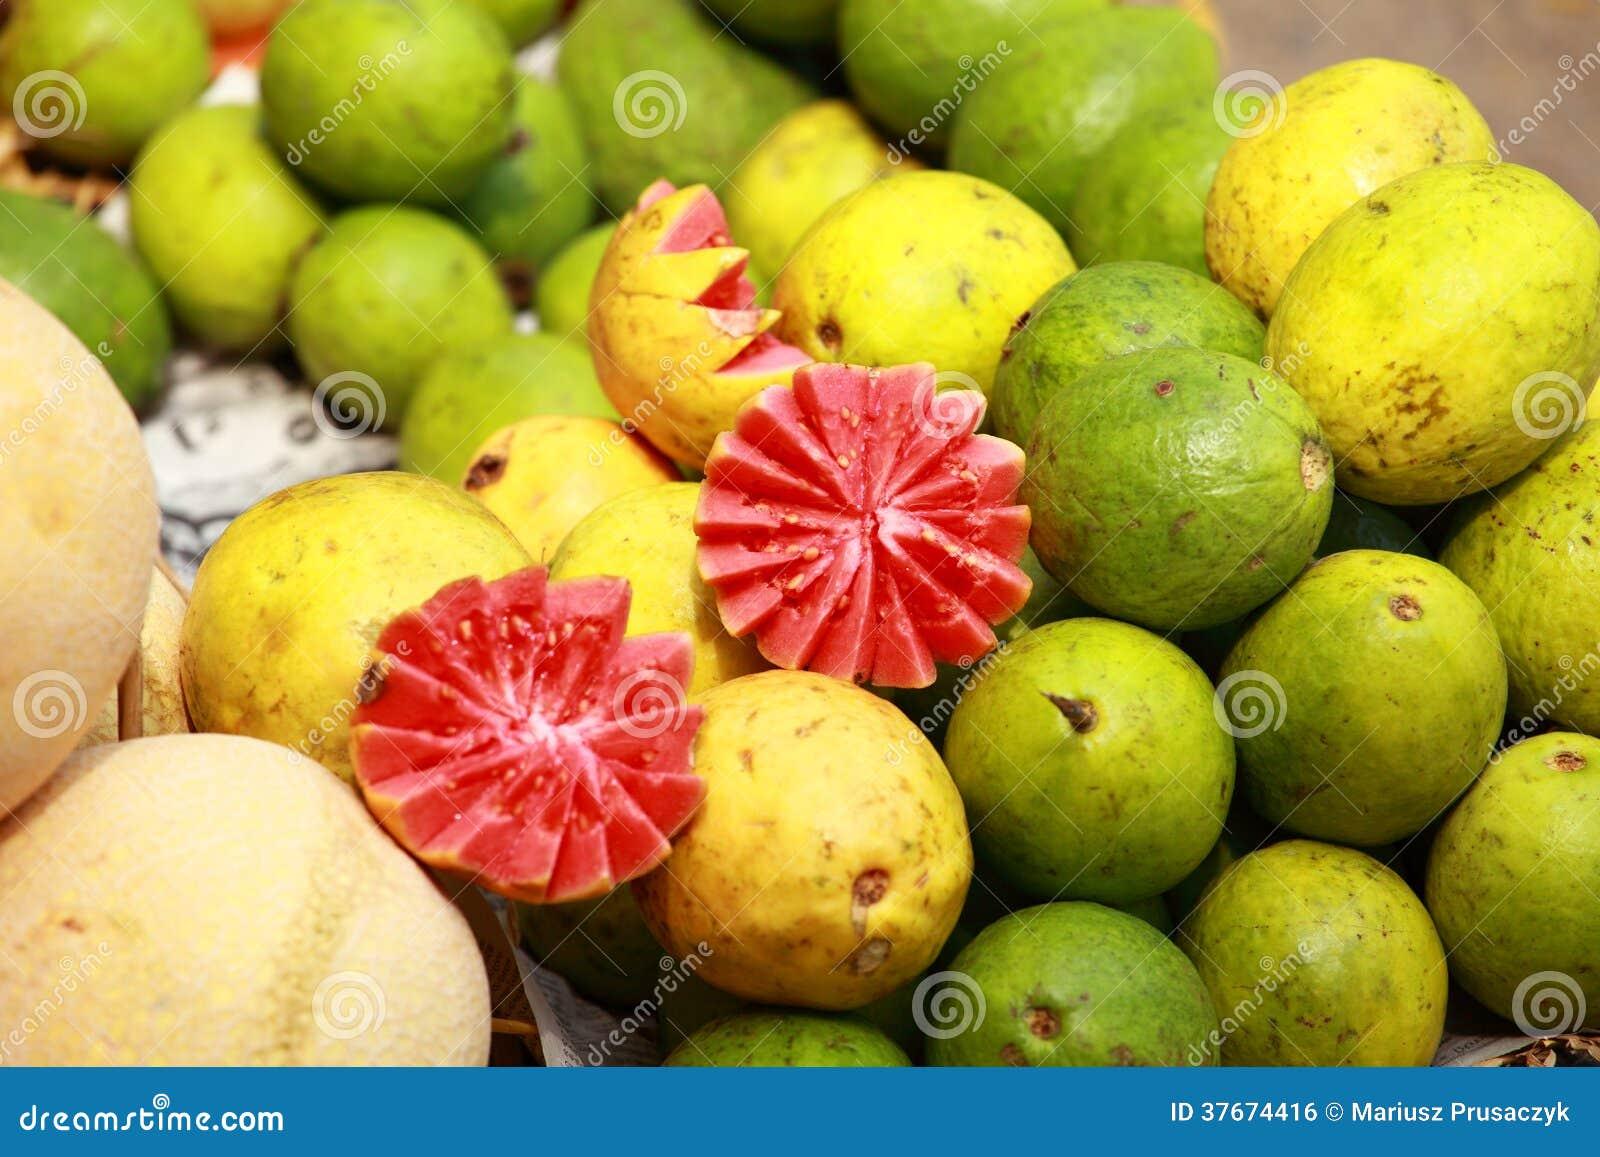 Mercado de la fruta fresca en la India